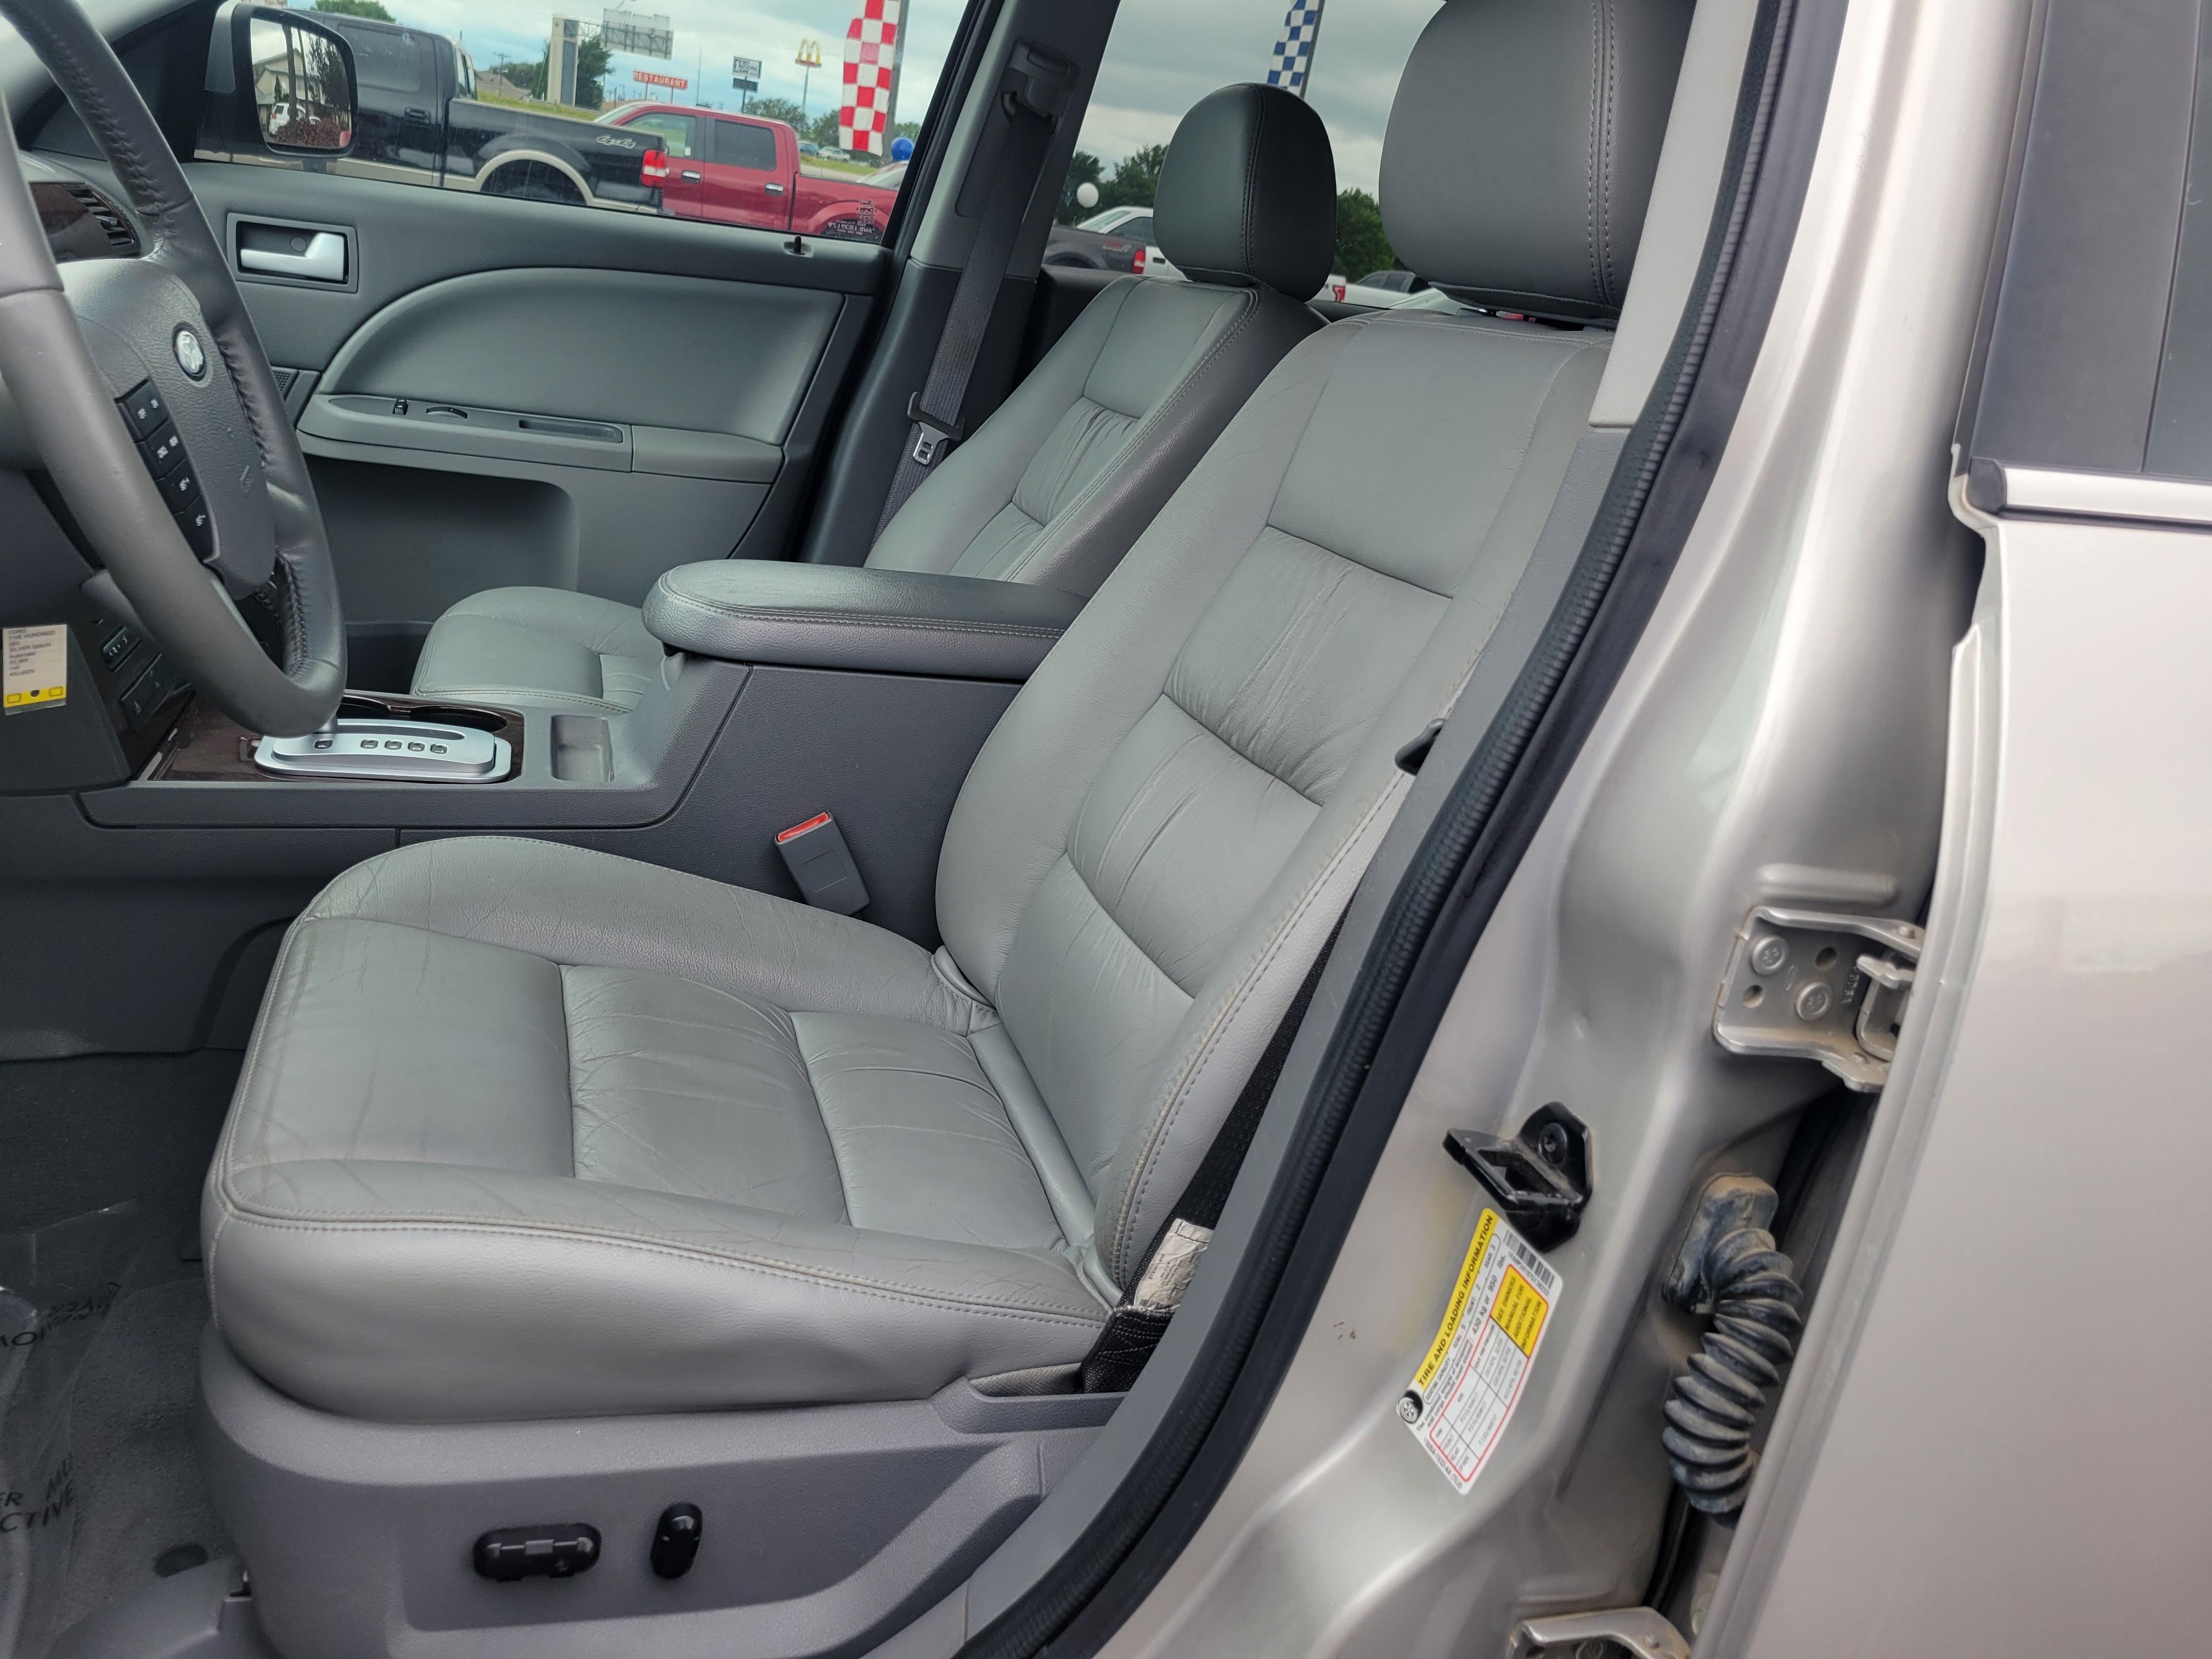 used vehicle - Sedan FORD FIVE HUNDRED 2007